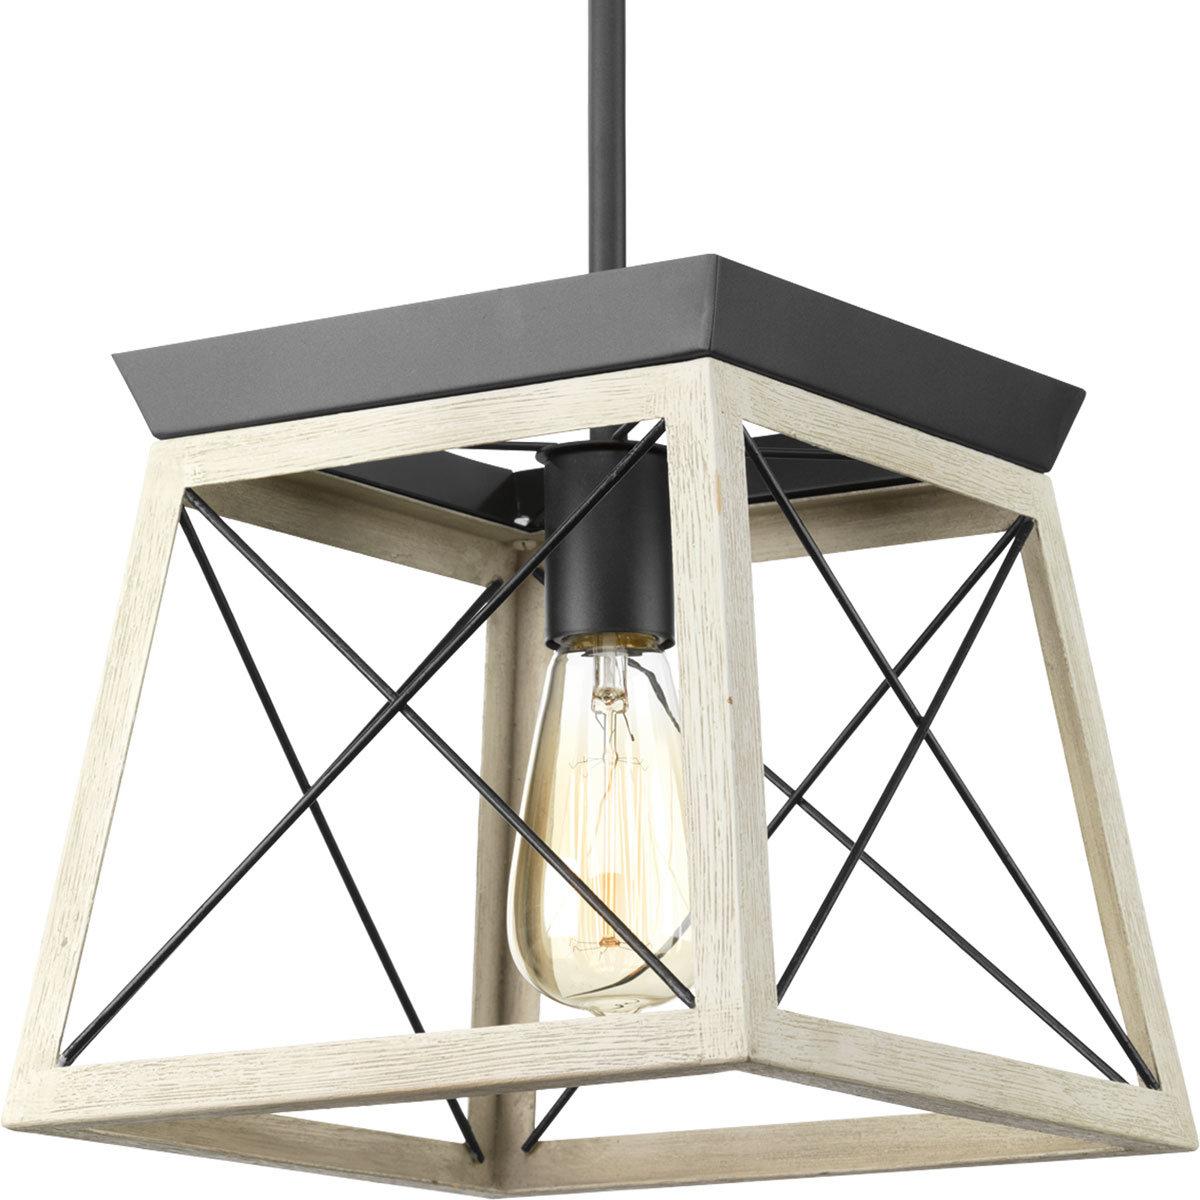 Delon 1 Light Lantern Pendant Intended For Trendy Delon 1 Light Lantern Geometric Pendants (View 8 of 20)